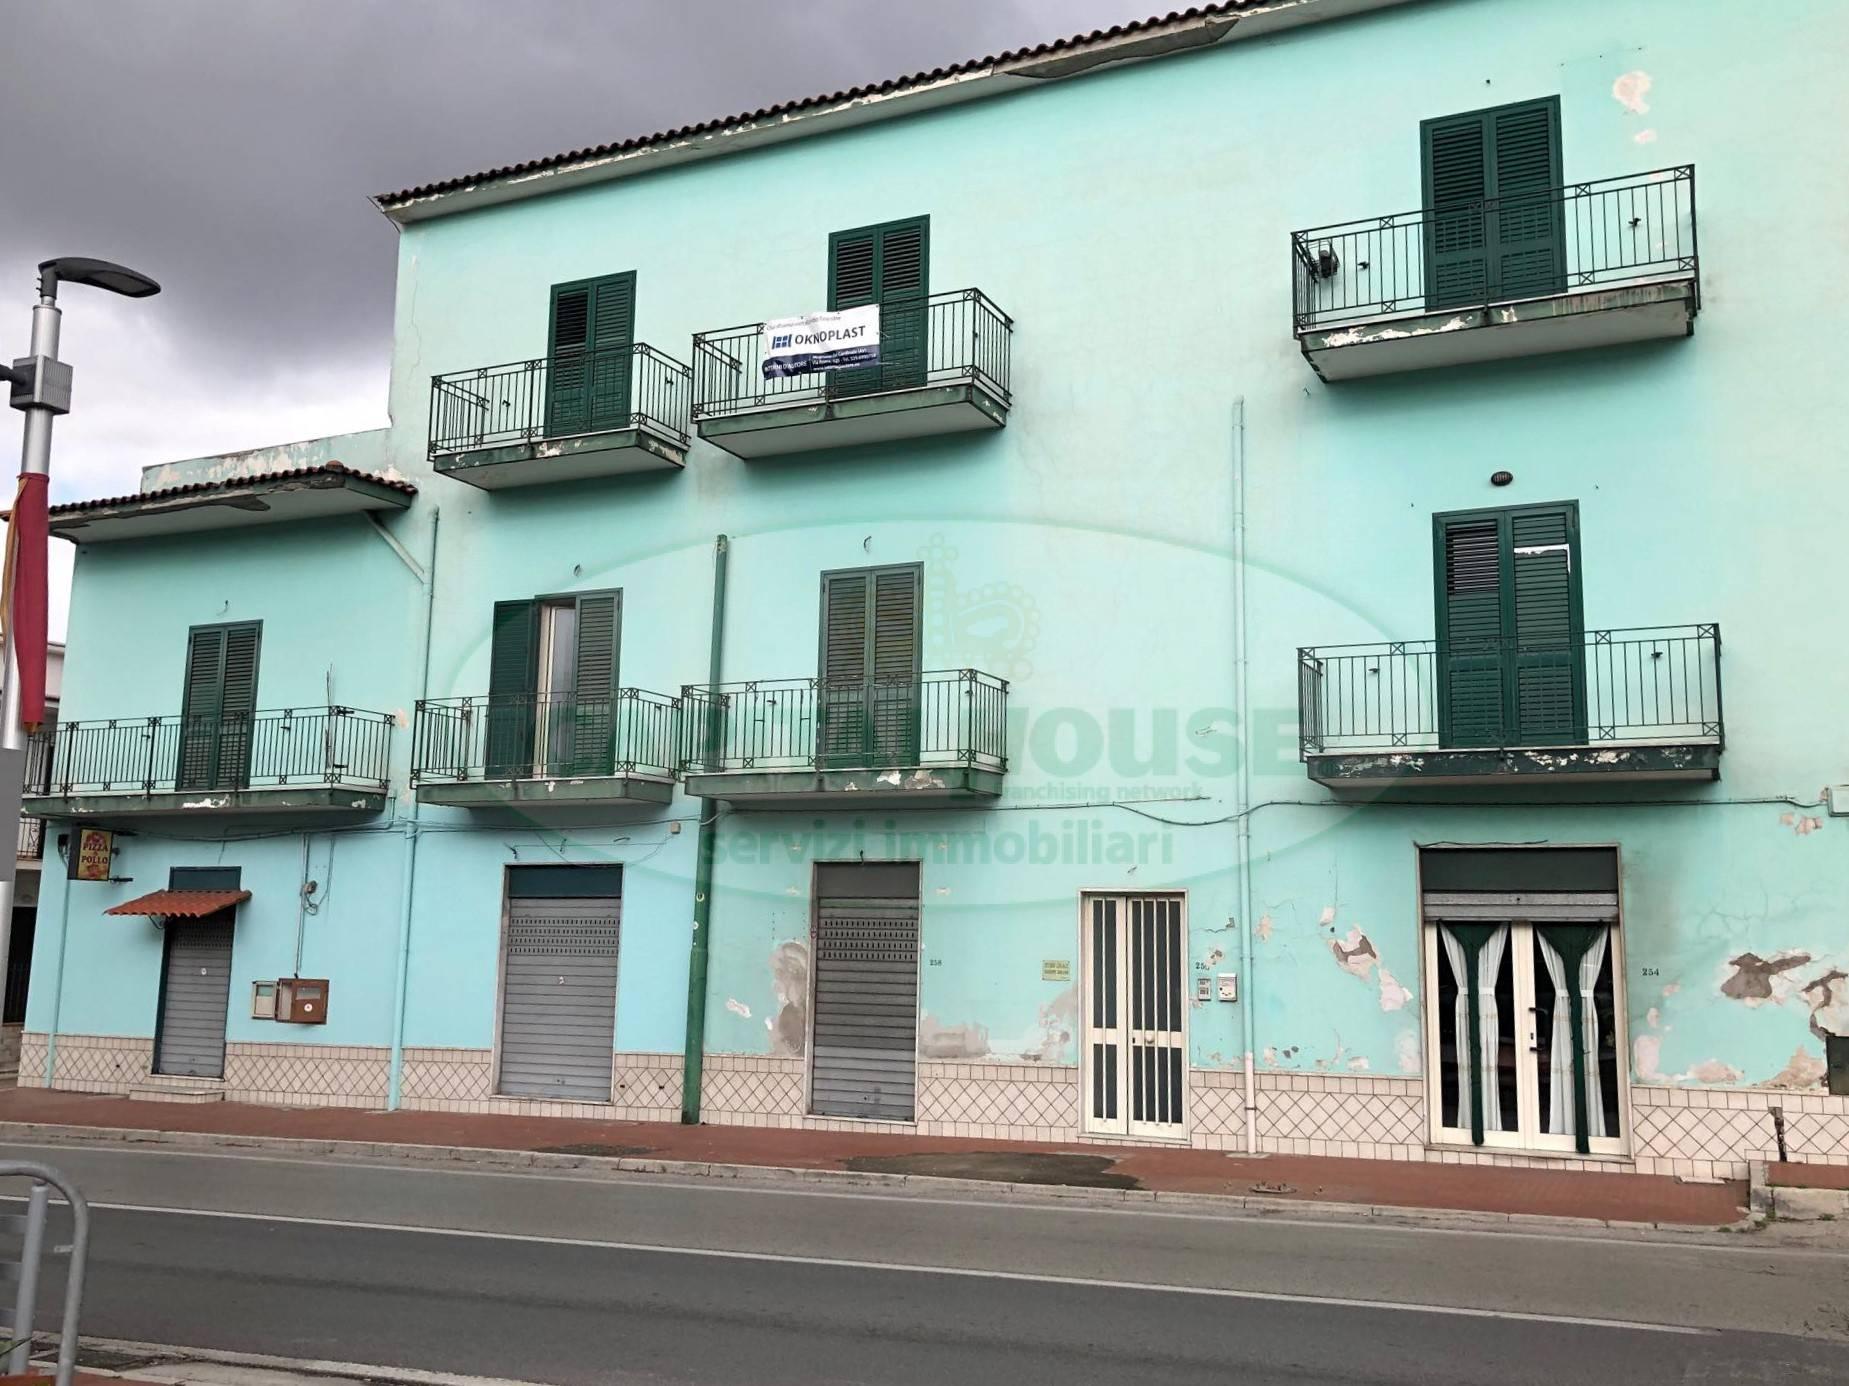 Appartamento in vendita a Sperone, 2 locali, prezzo € 57.000 | CambioCasa.it